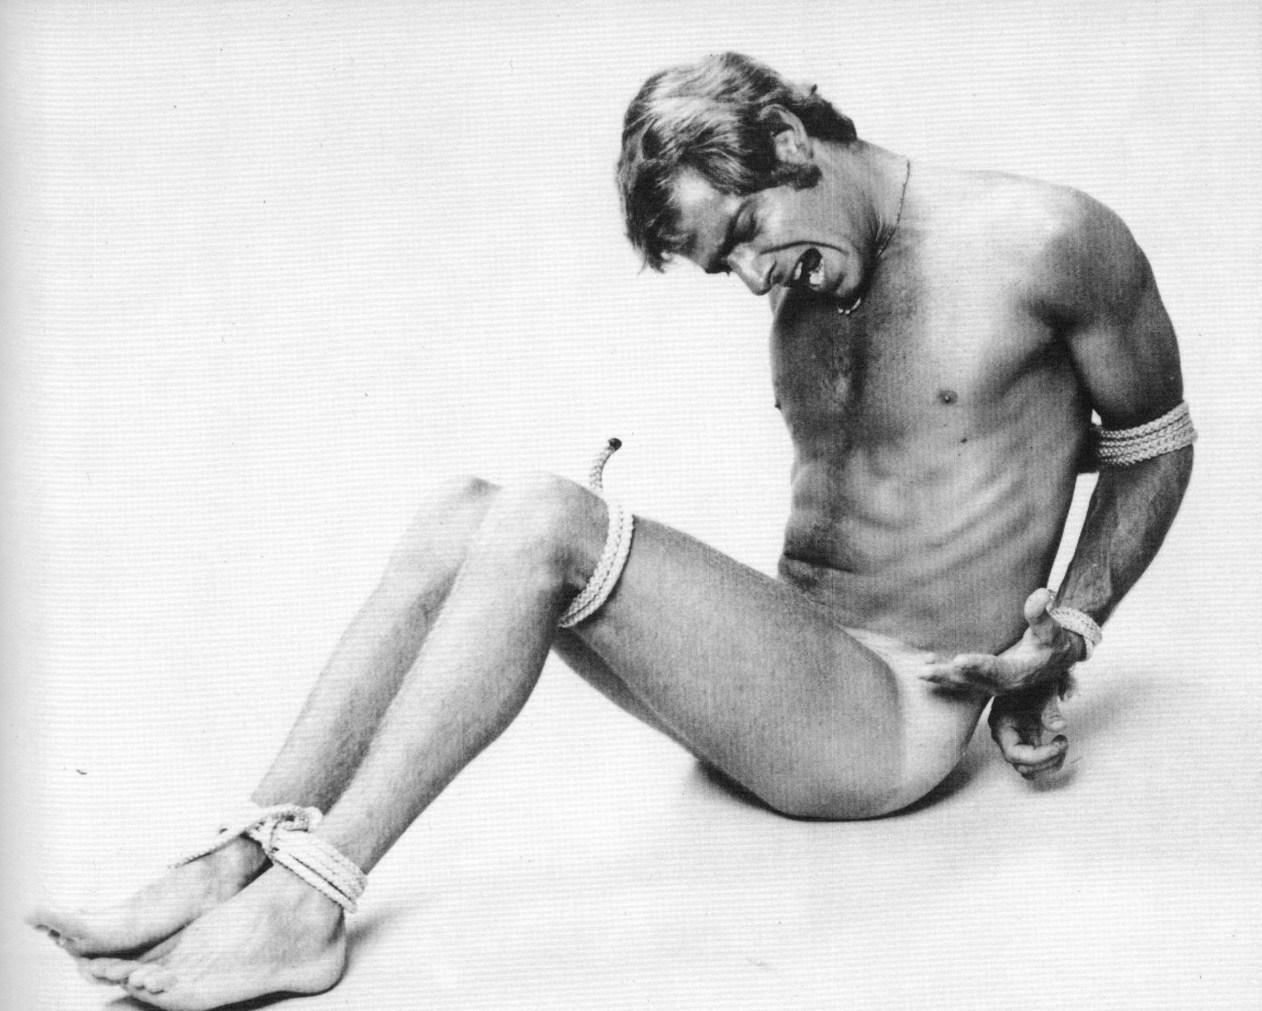 Jack Wrangler Naked 23